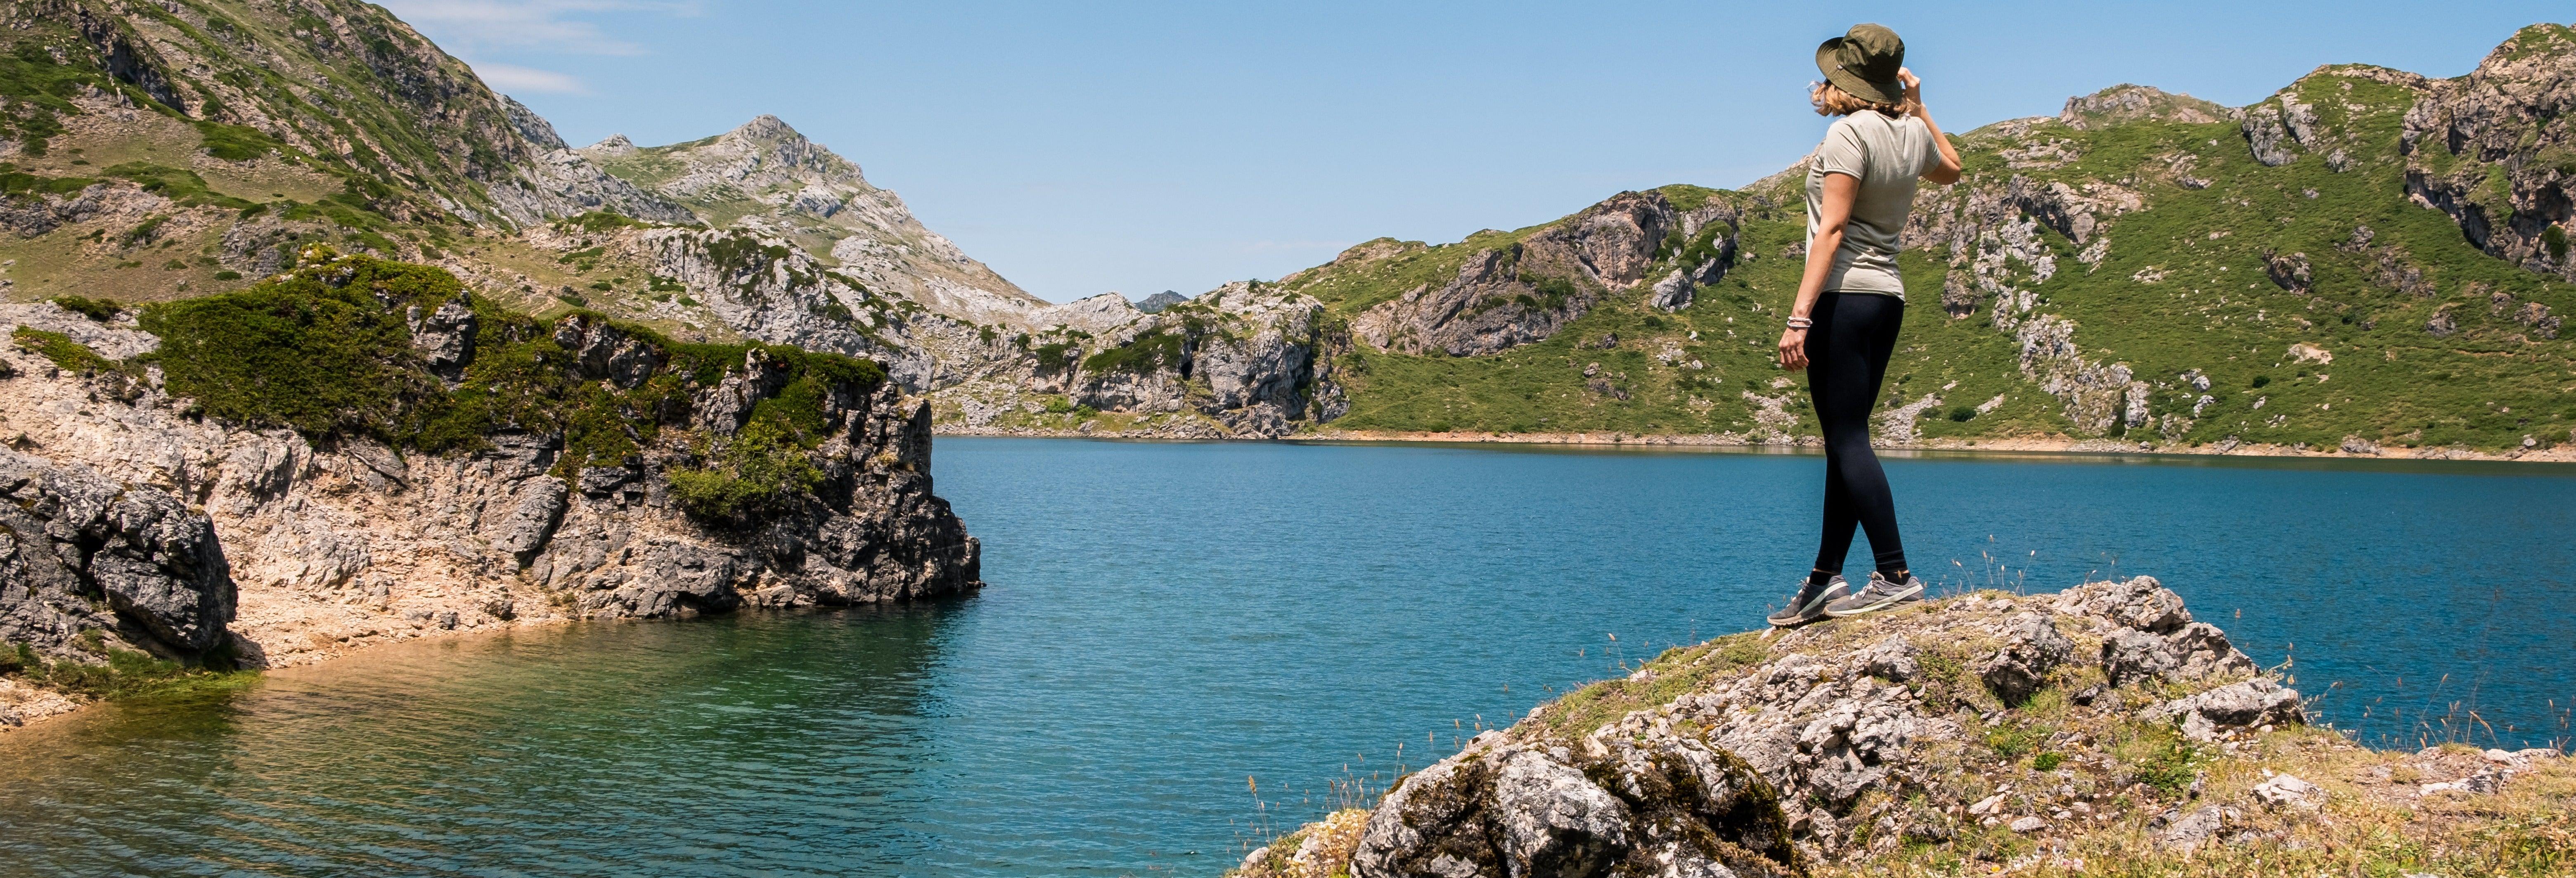 Oferta: Senderismo por los lagos de Saliencia + Avistamiento de osos